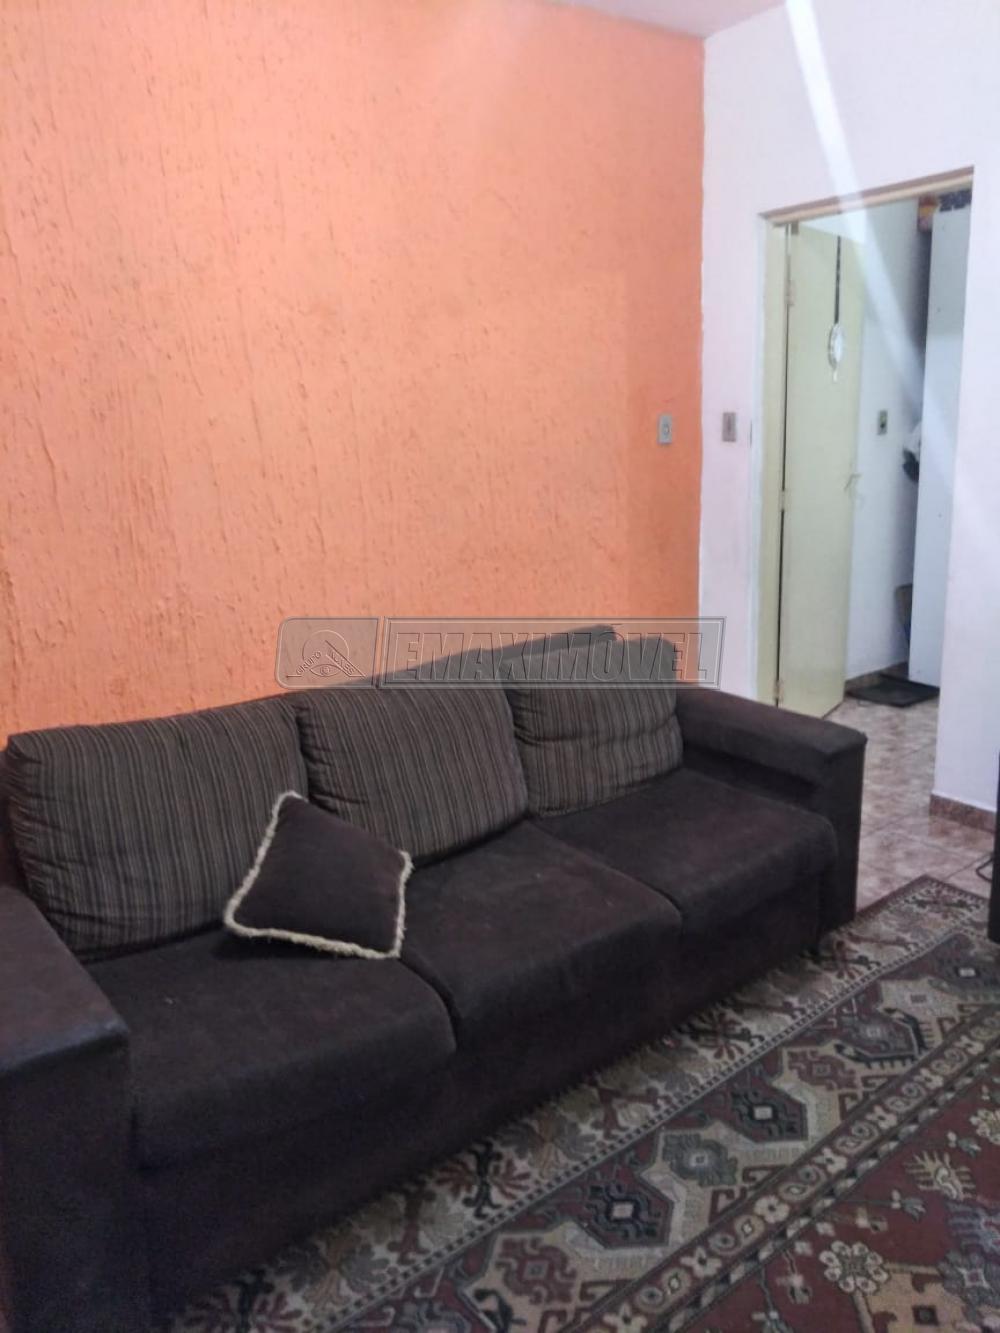 Comprar Casas / em Bairros em Votorantim apenas R$ 230.000,00 - Foto 9